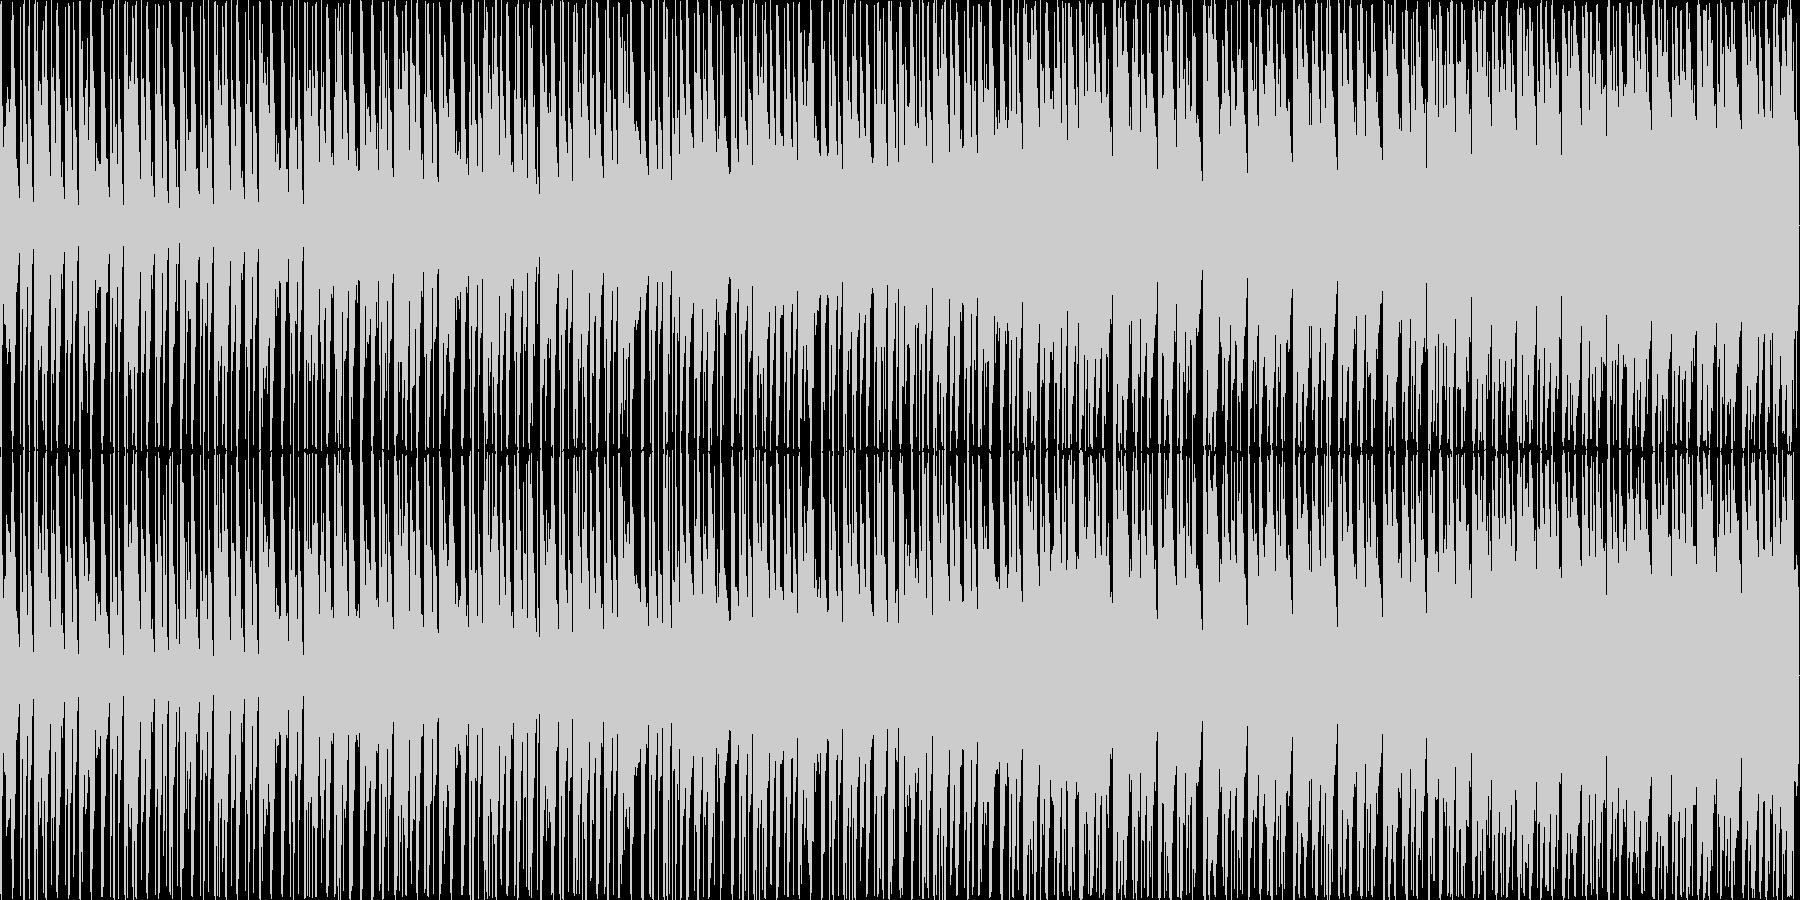 明るい雰囲気のエレクトロニカBGMの未再生の波形